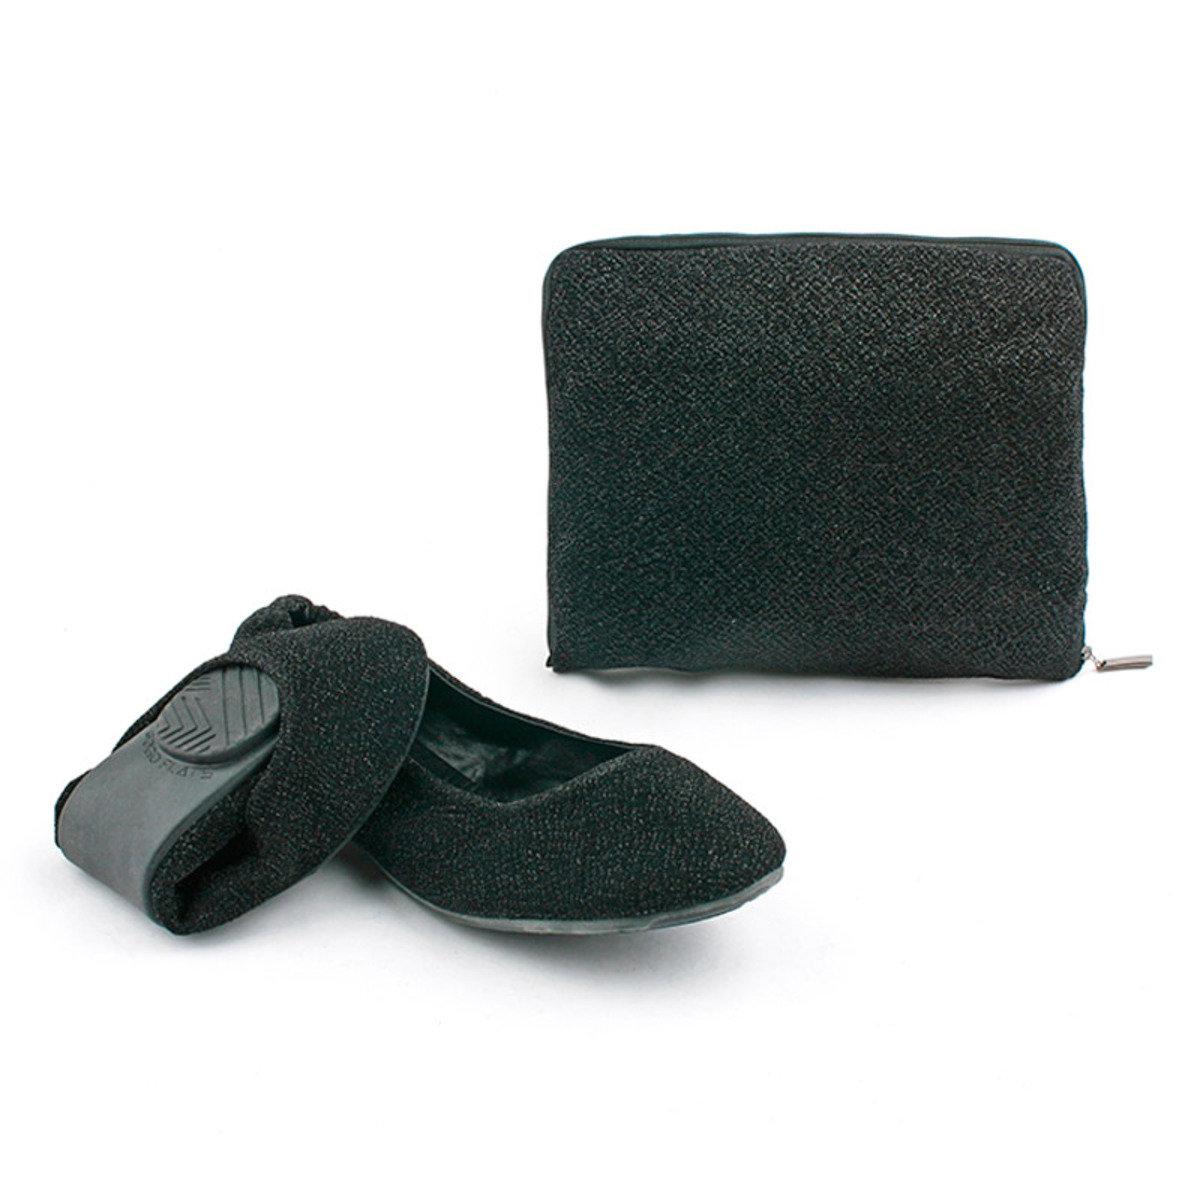 珠光摺疊式平底鞋_GOGO_3BLK